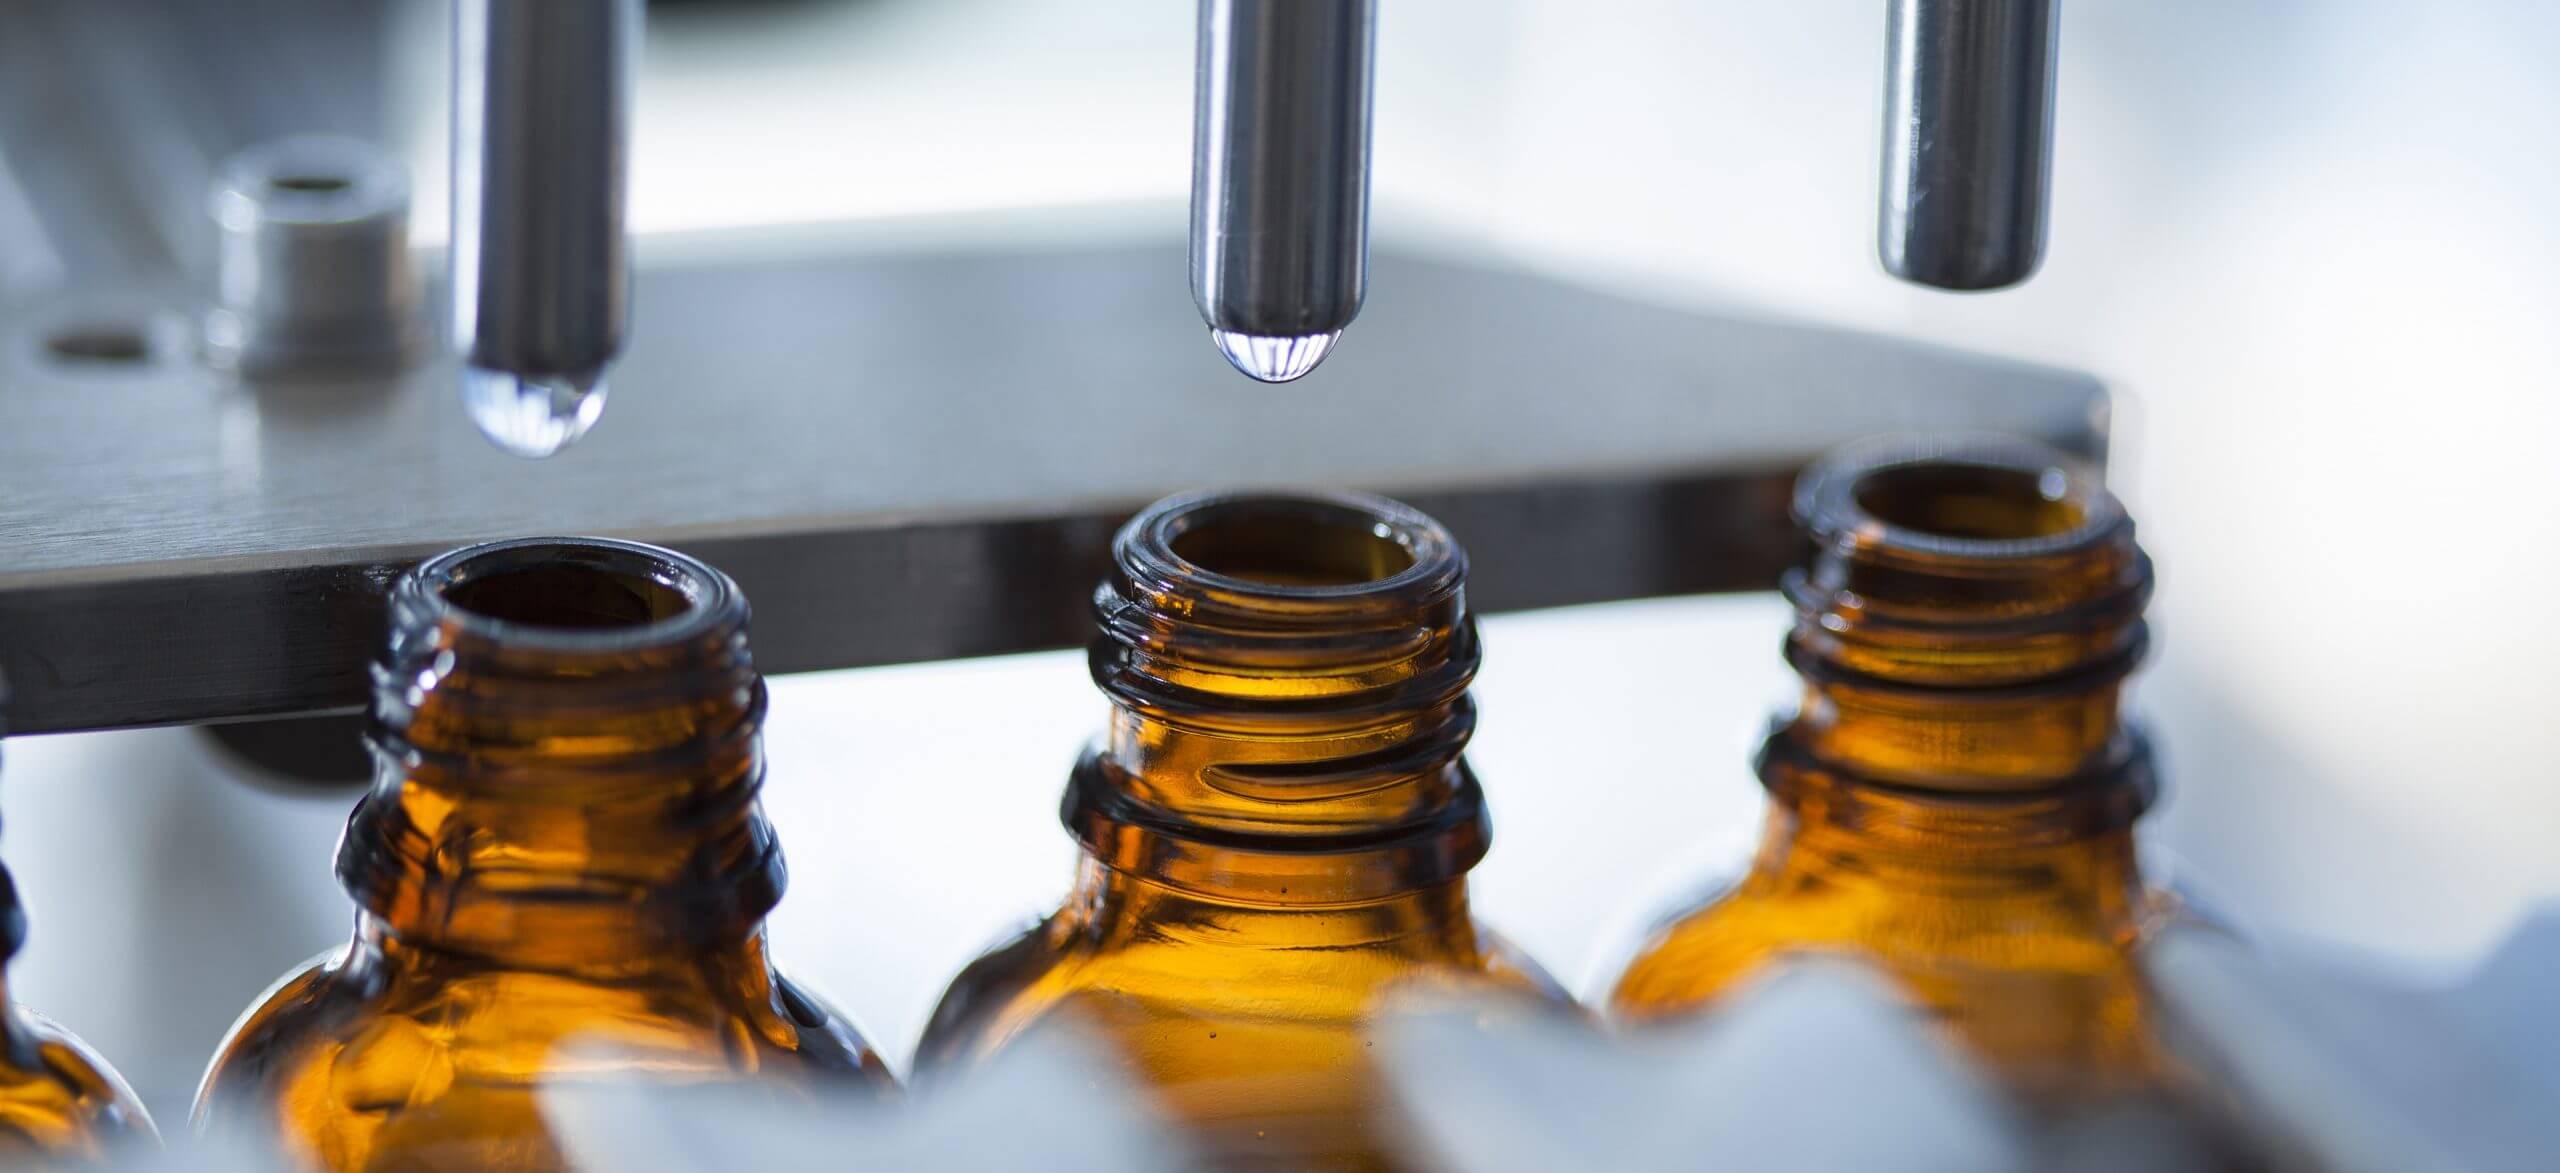 Cannabis + Hemp Production